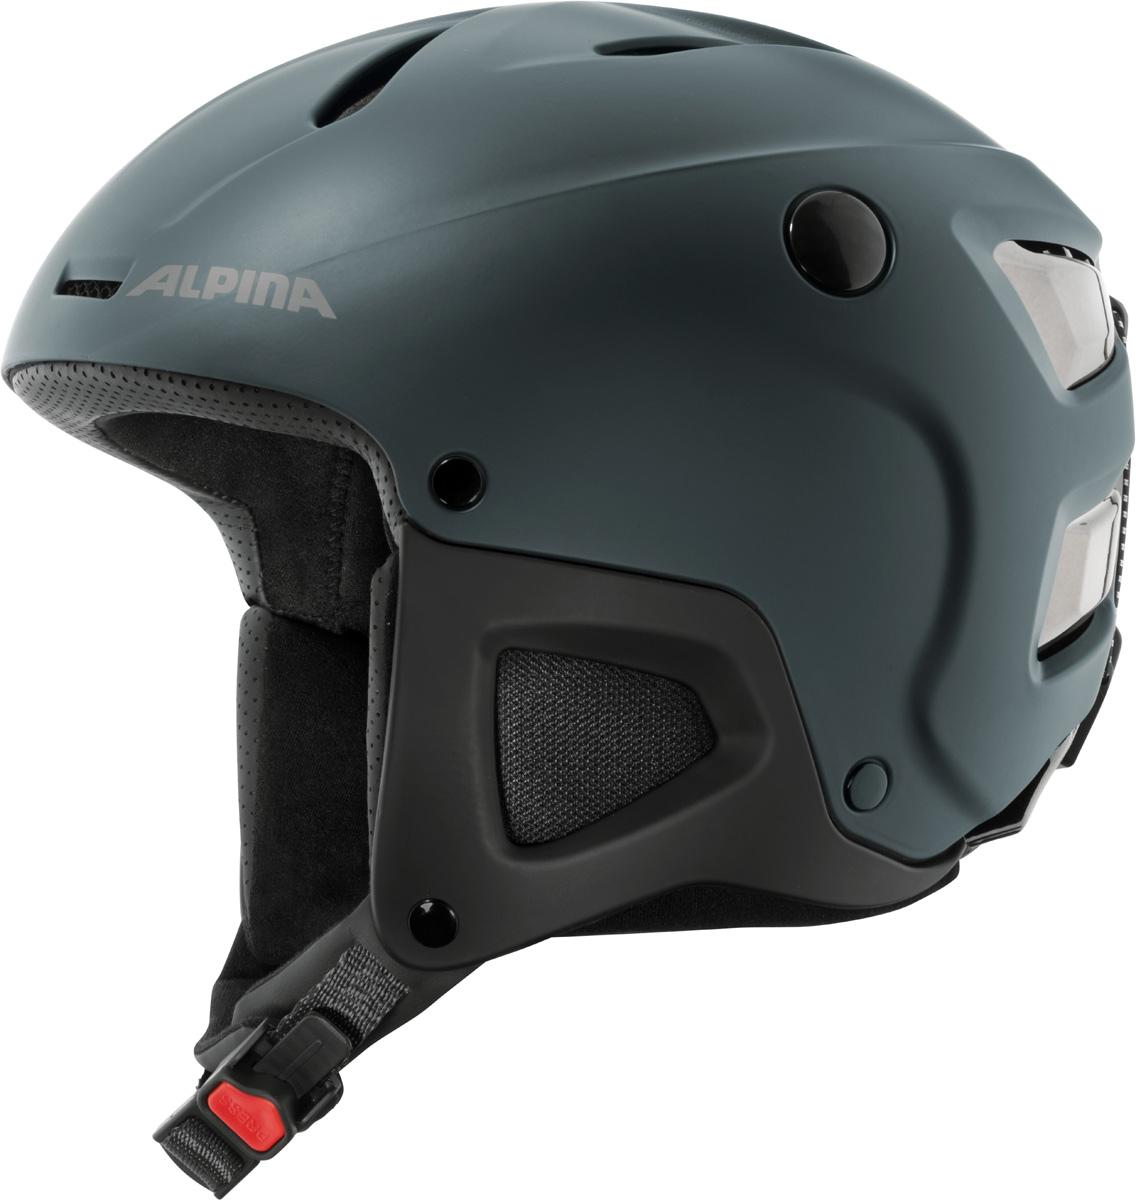 Шлем горнолыжный Alpina Attelas, цвет: темно-синий. A9089_80. Размер 53-58A9089_80Запатентованная новая революционная технология ERGO3 позволяет подстроить размер верхней части шлема по голове. Простая и интуитивно понятная регулировка позволяет добиться идеальной посадки на голову любой формы. Точная система с храповым замком позволяет простым движением руки сделать шире или уже и внутреннюю часть шлема. Система ERGO3 обеспечивает не только изменение объема, но и комфорт третьего поколения.Что взять с собой на горнолыжную прогулку: рассказывают эксперты. Статья OZON Гид